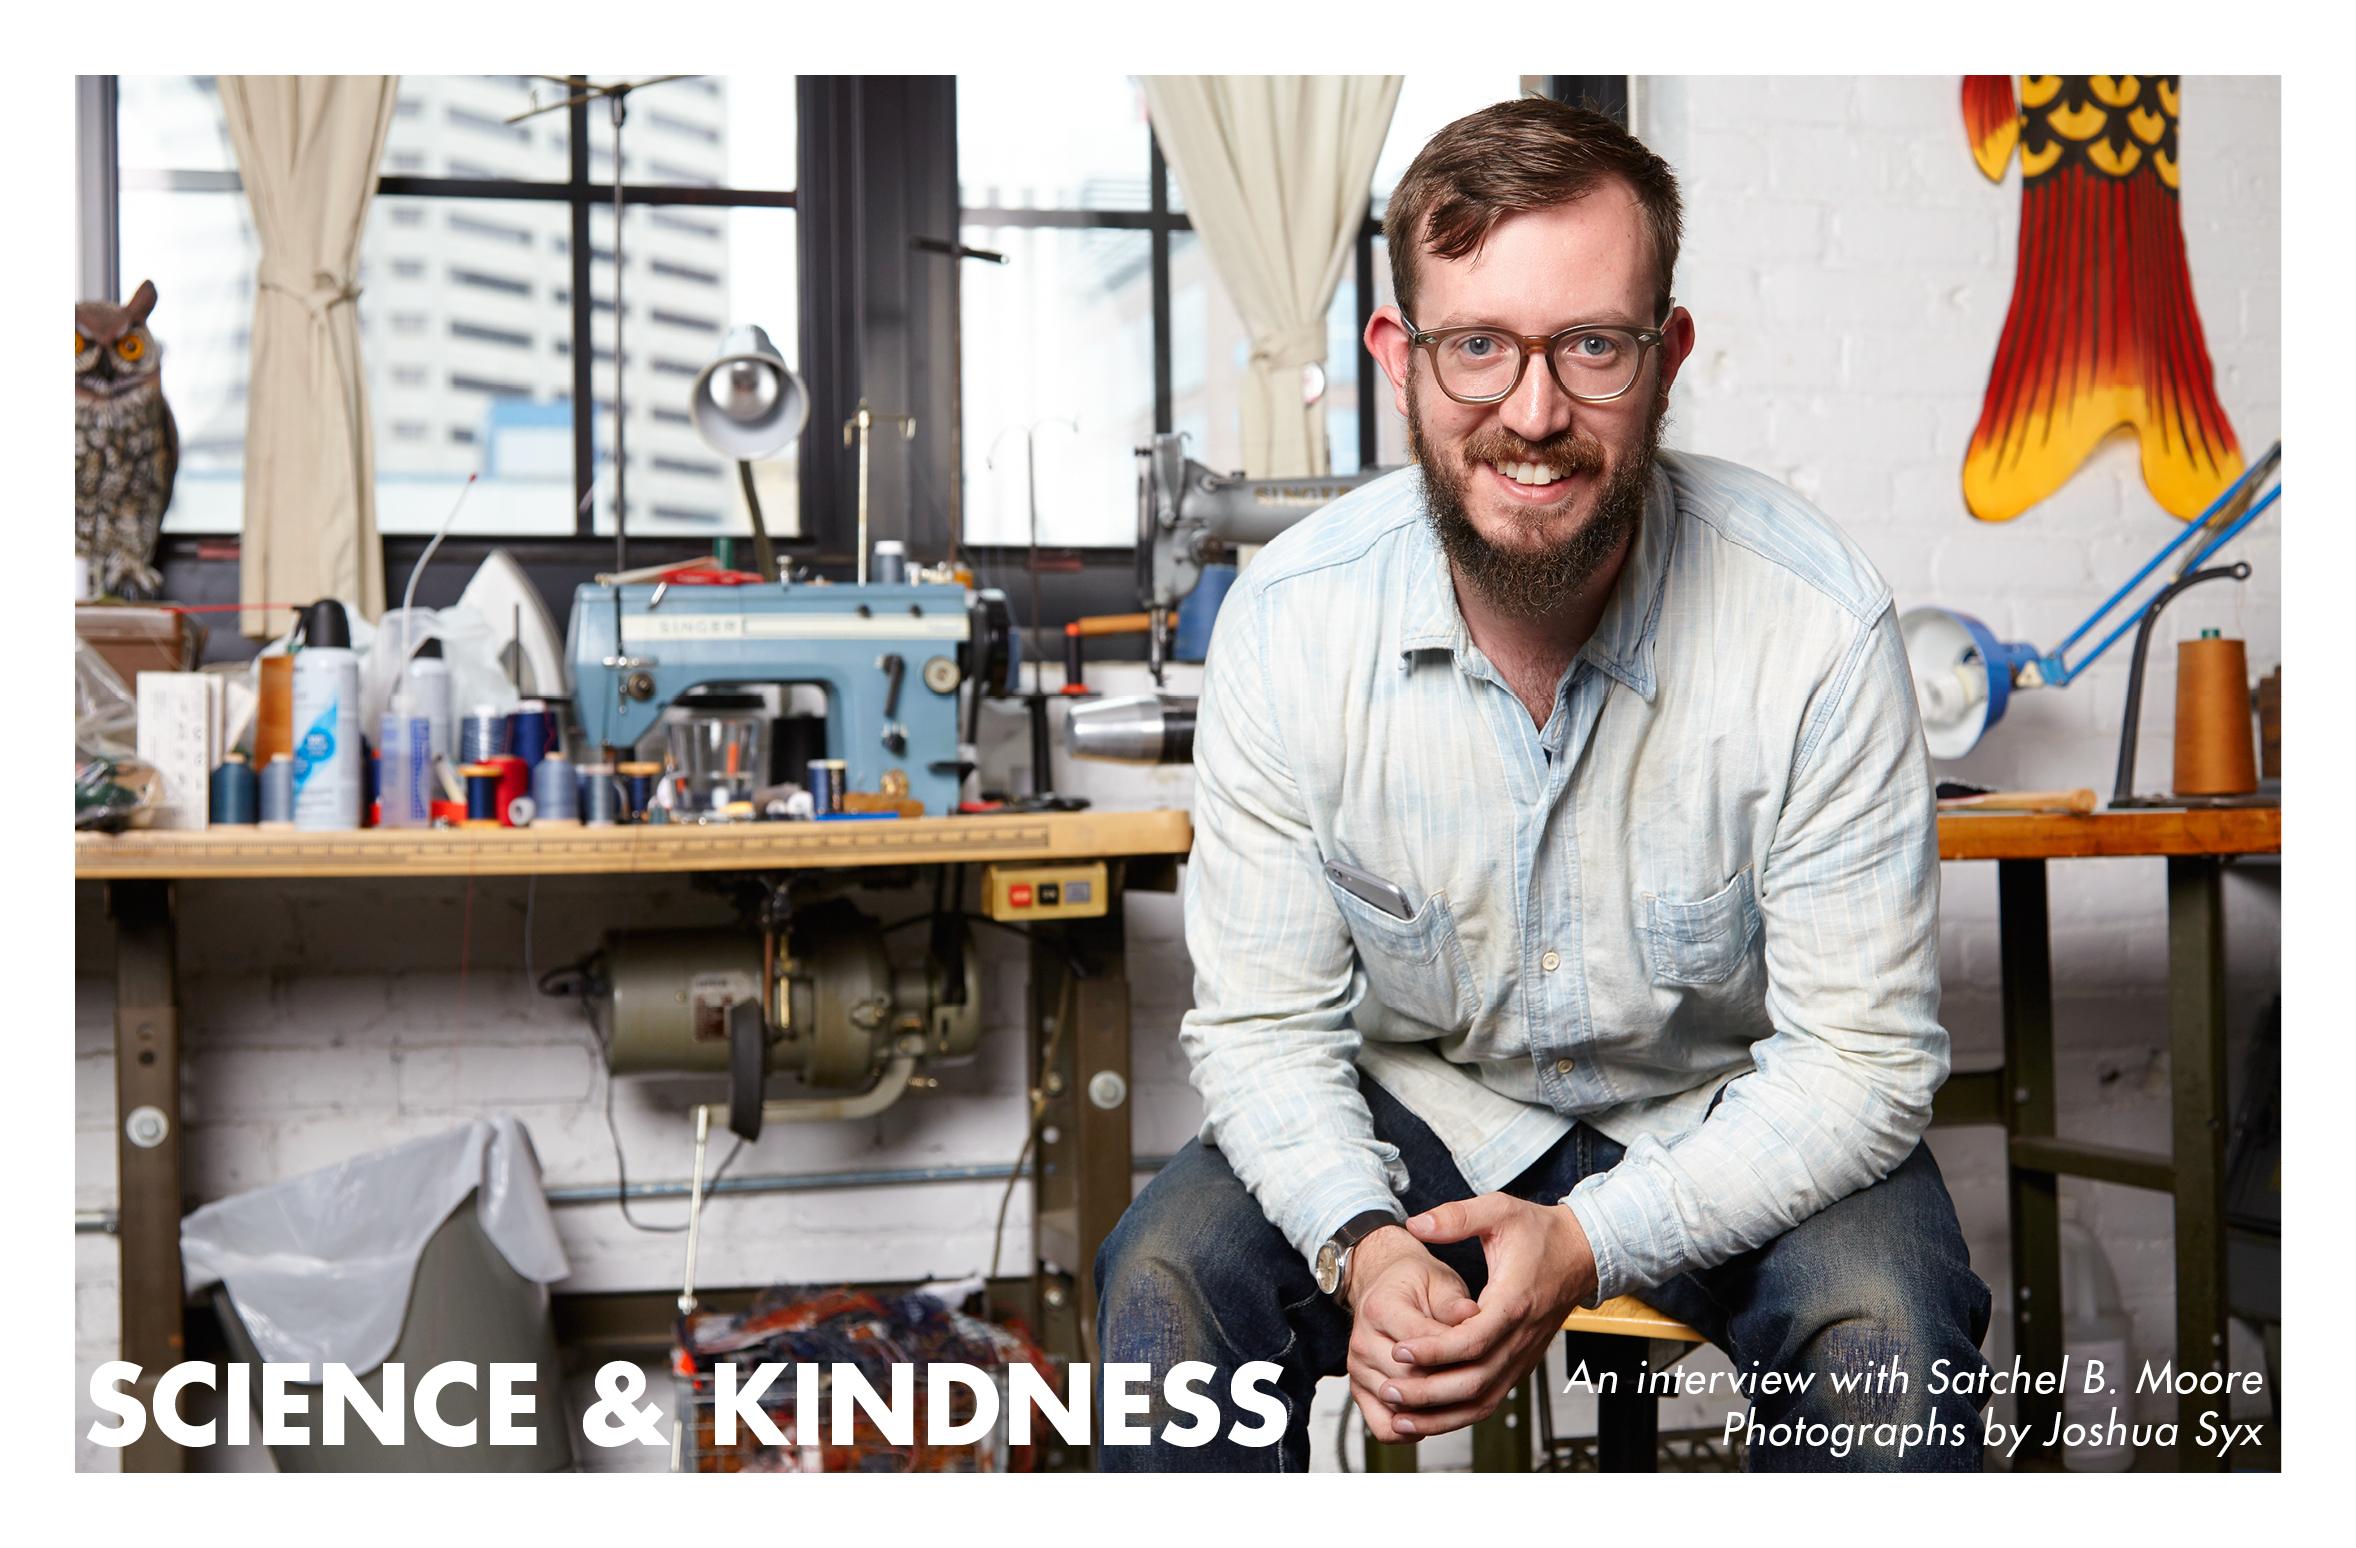 ScienceAndKindness.jpg